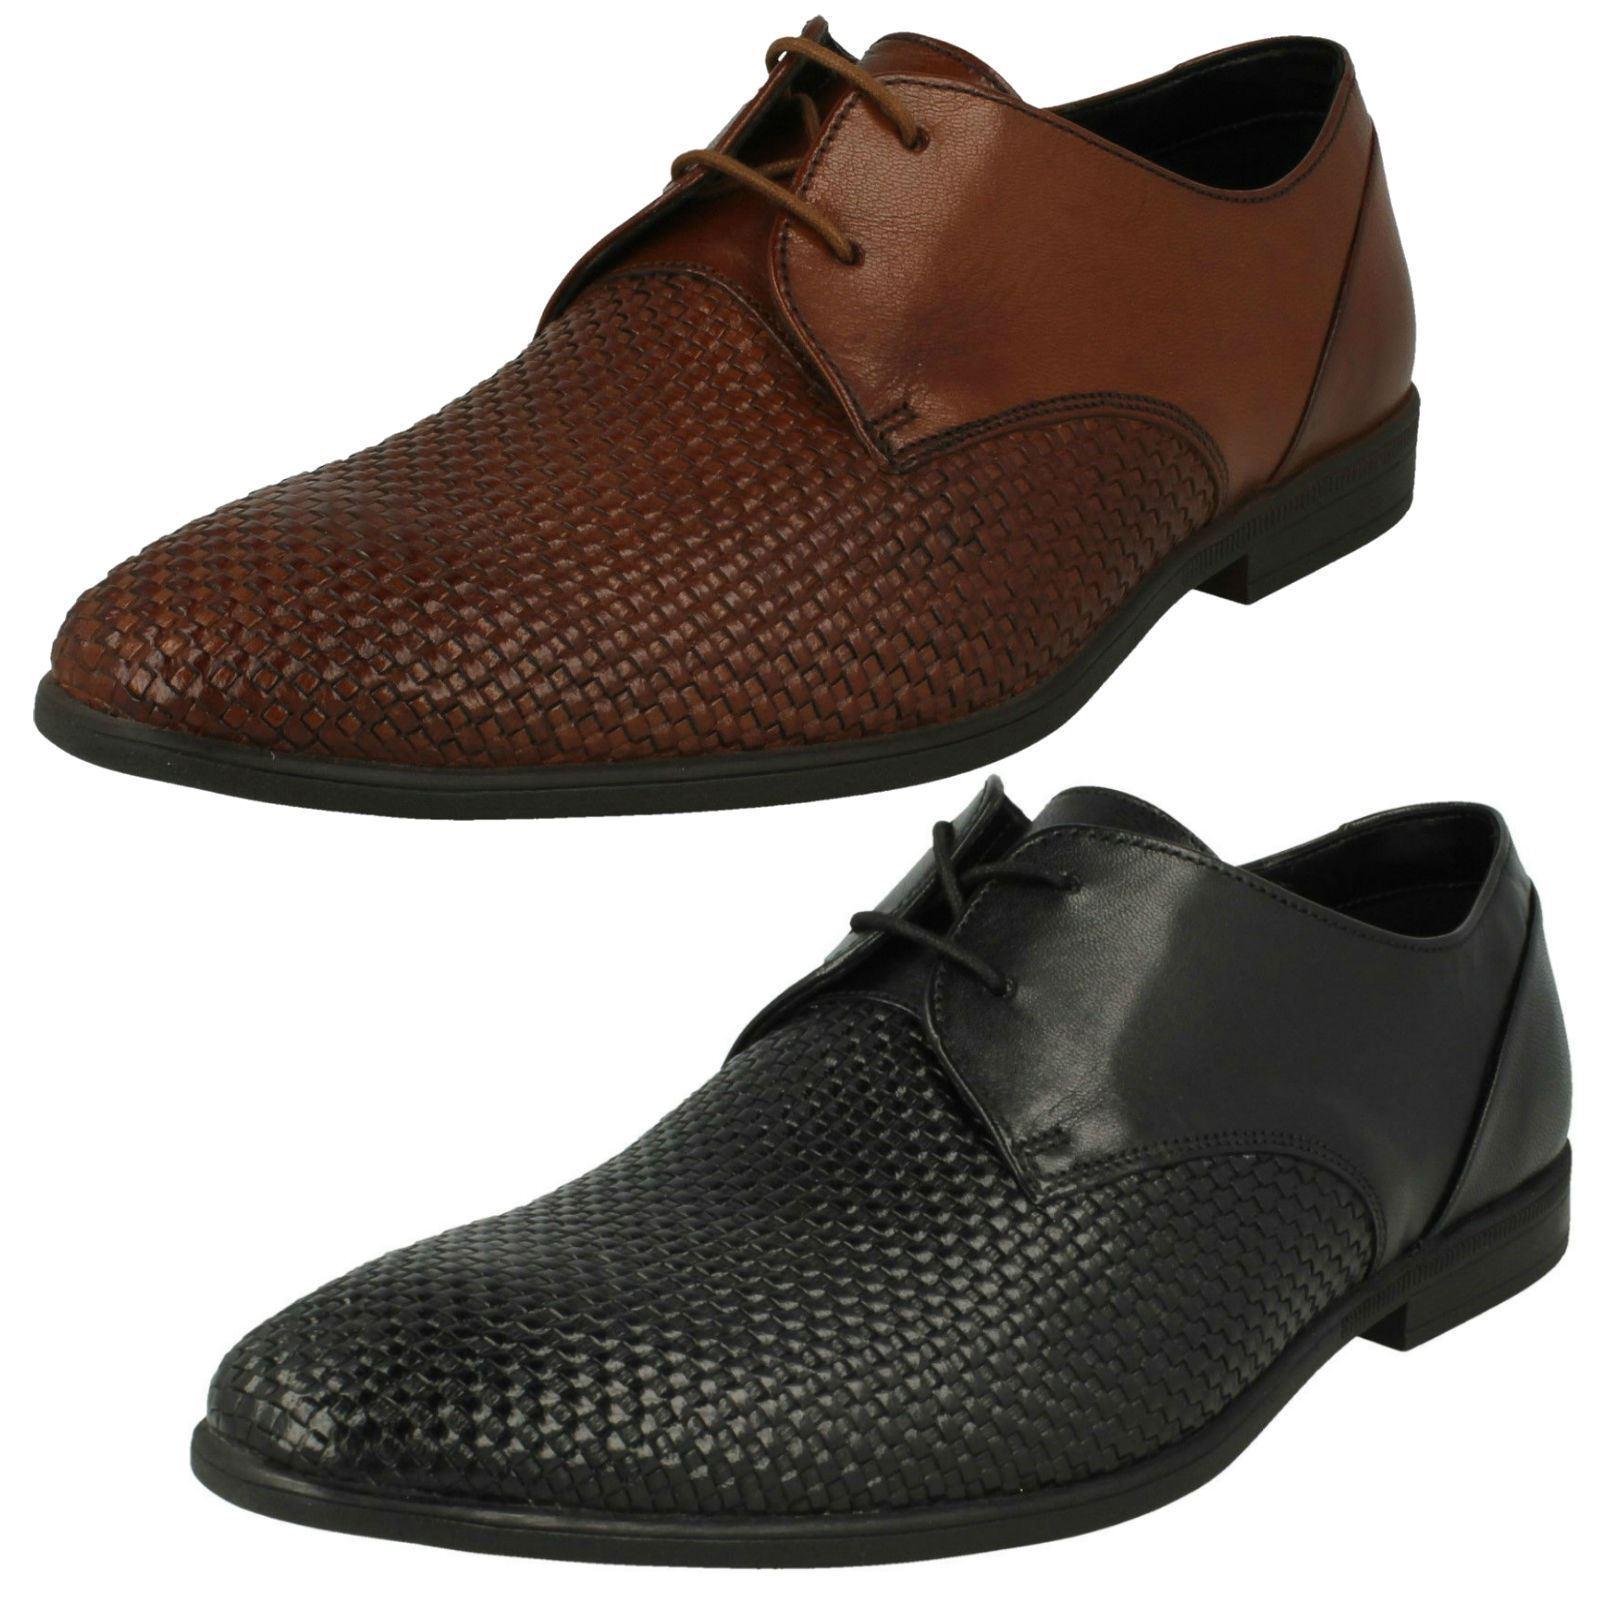 la migliore moda Uomo Clarks Bampton Weave Weave Weave ALLA MODA SCARPE in pelle con lacci Calzabilità G  acquista marca